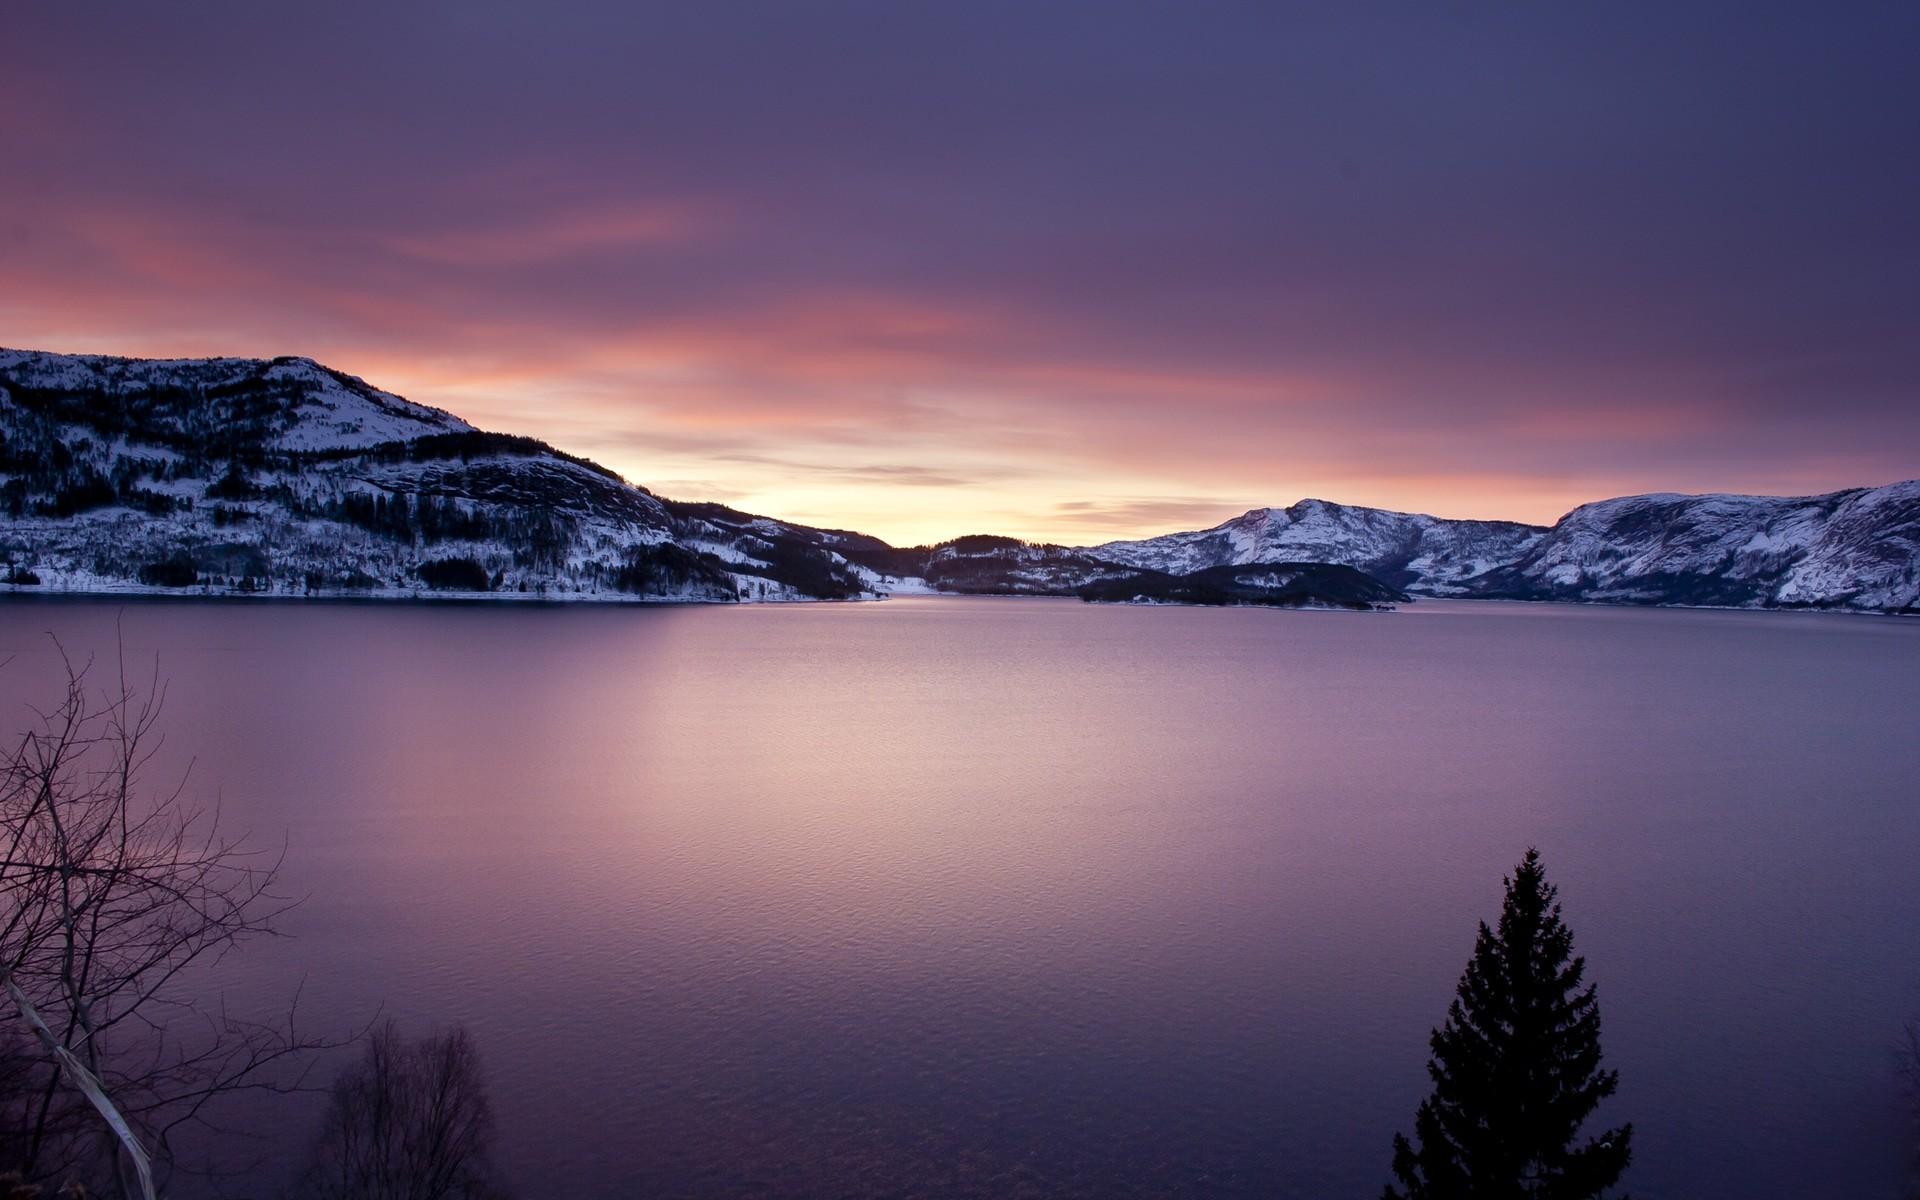 Early-Sunrise-Wide-Cool-Desktop-Backgrounds-Wallpaper